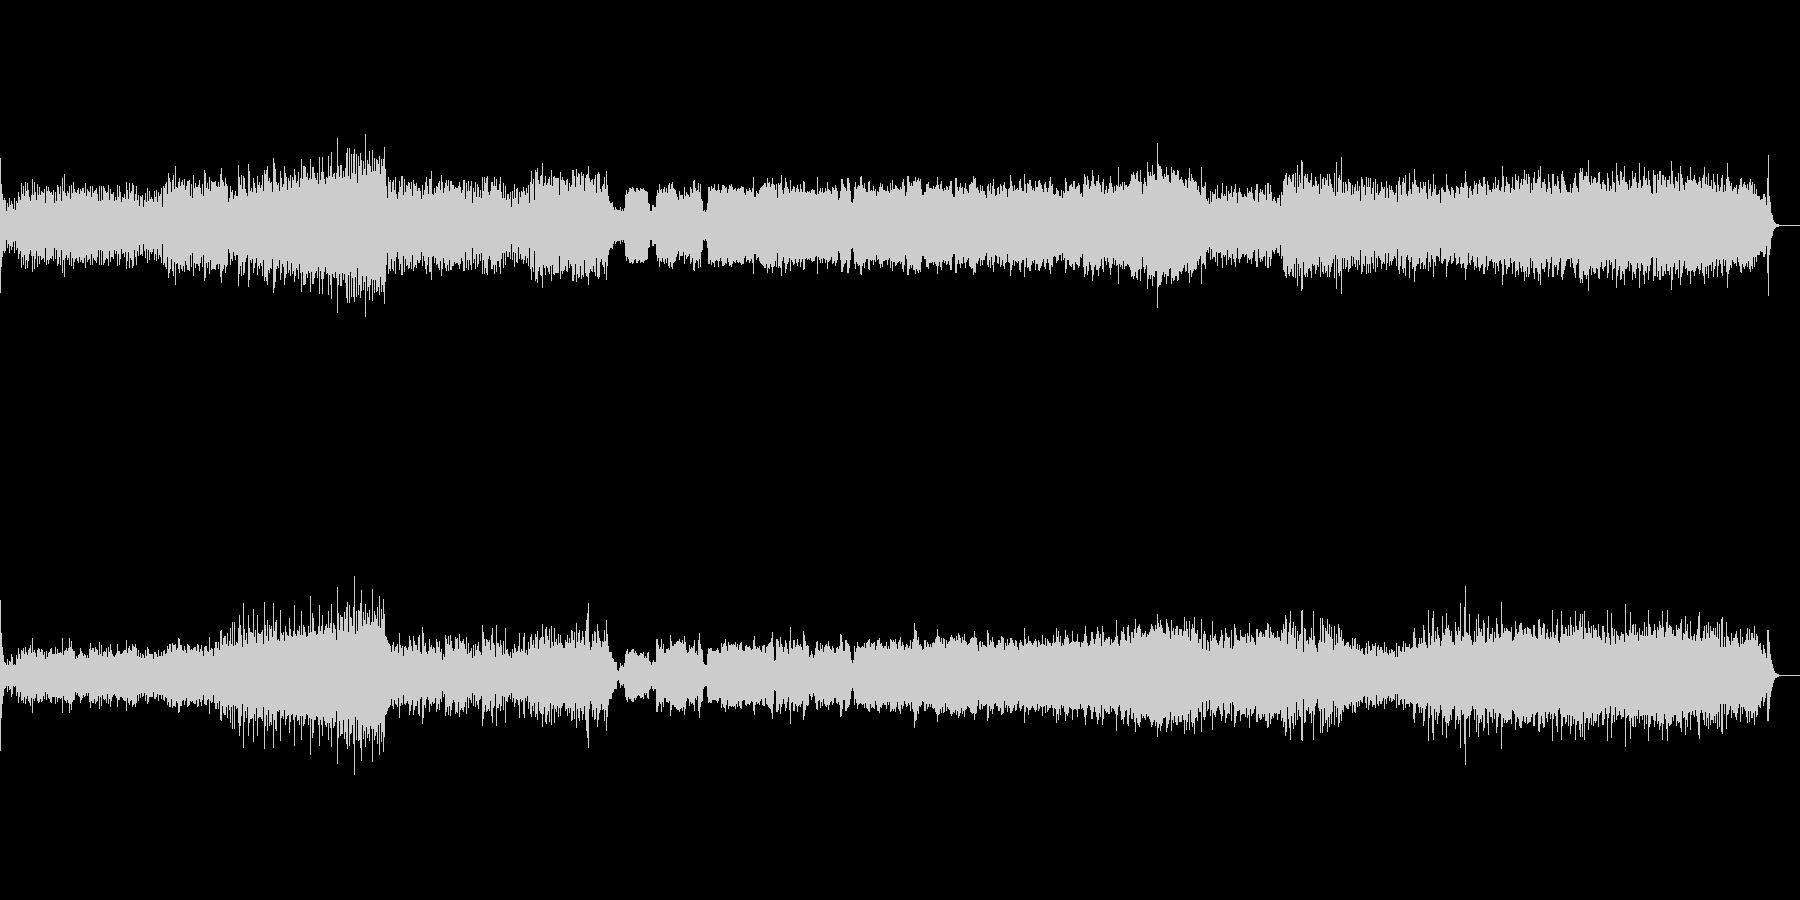 吹奏楽のための第一組曲より第二楽章の未再生の波形